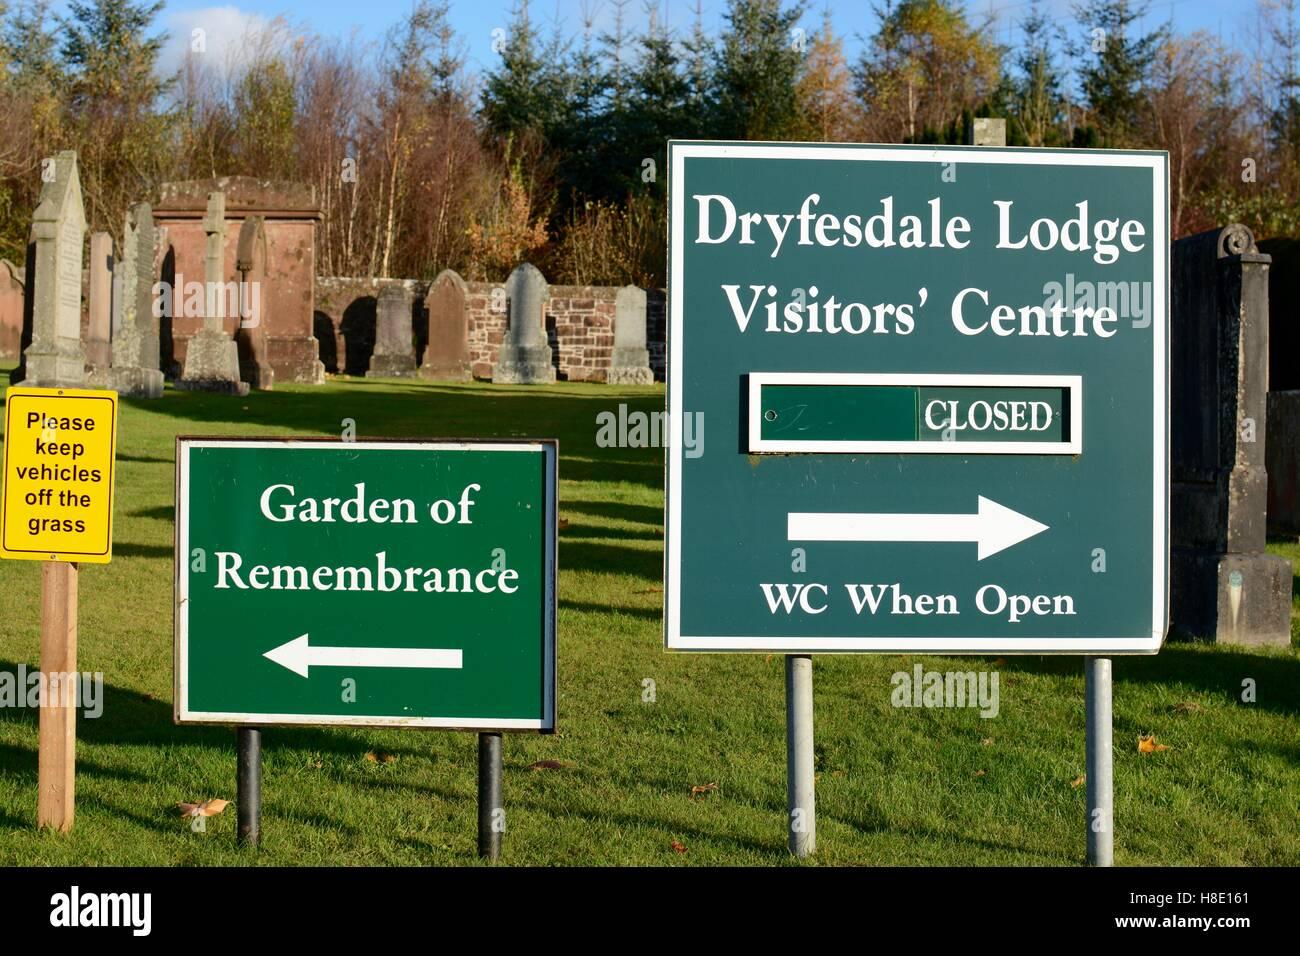 Dryfesdale Lodge sign - Lockerbie air disaster - Stock Image